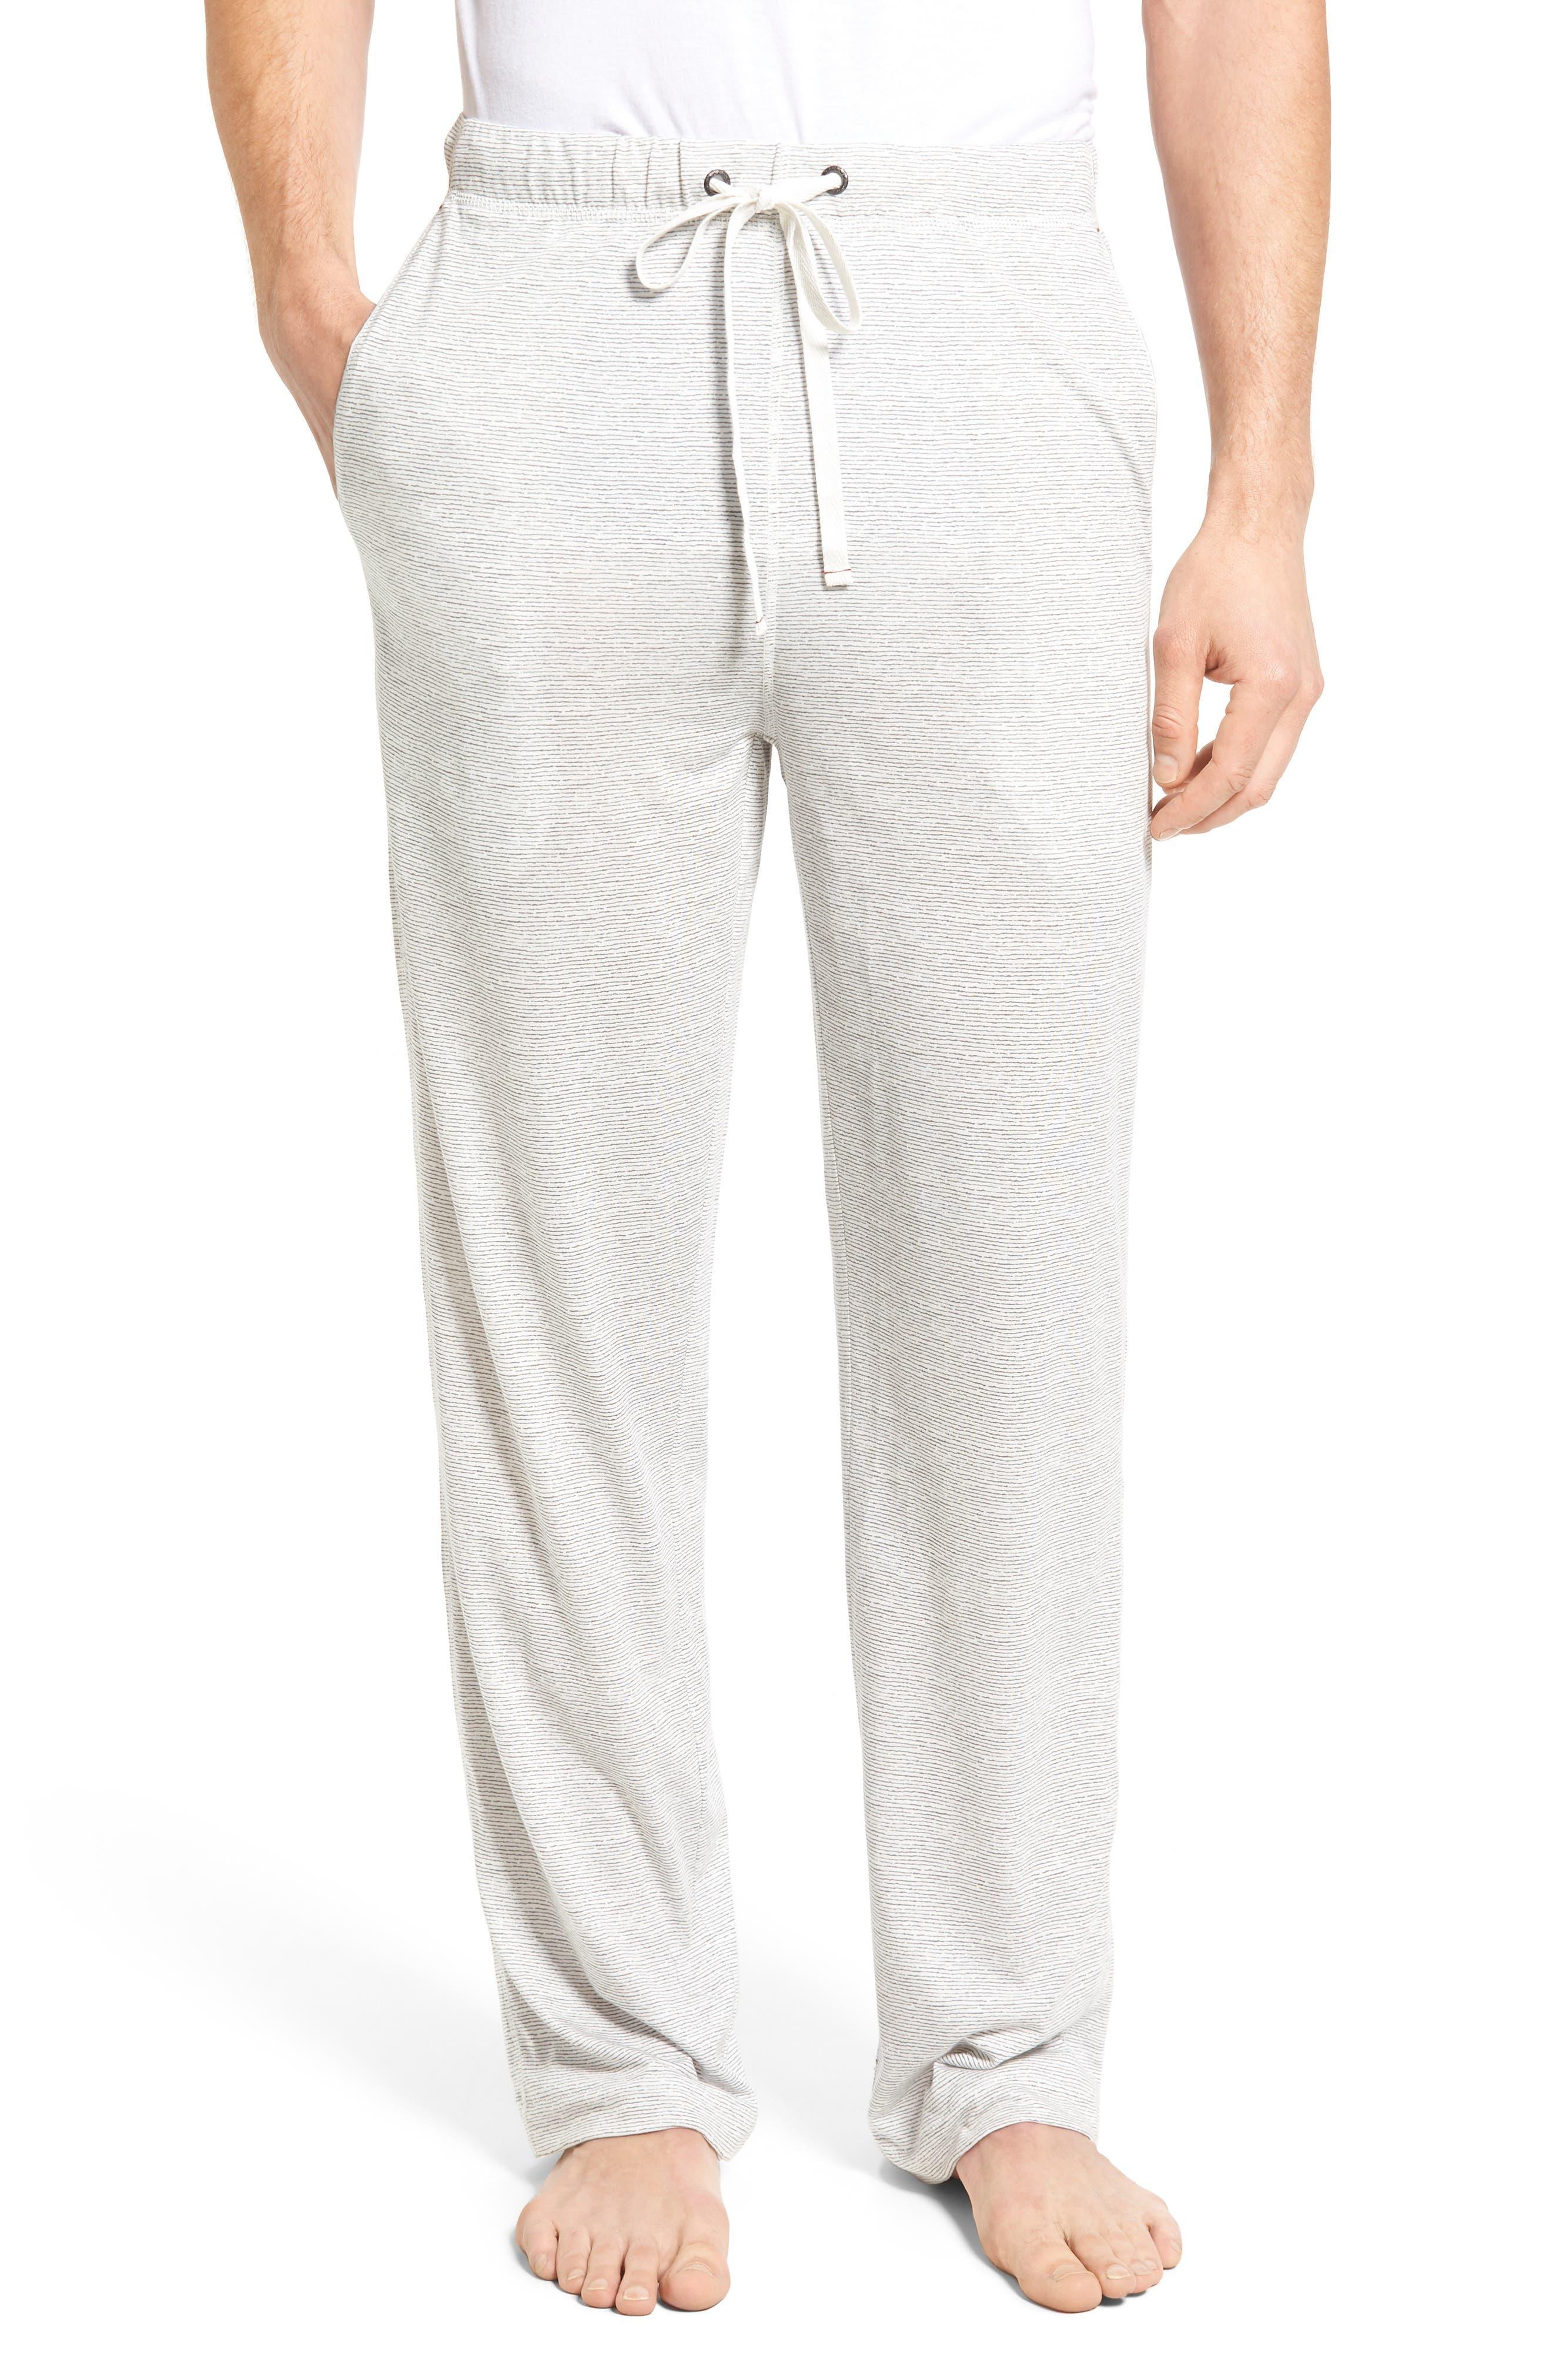 Pima Cotton & Modal Lounge Pants,                         Main,                         color, 020